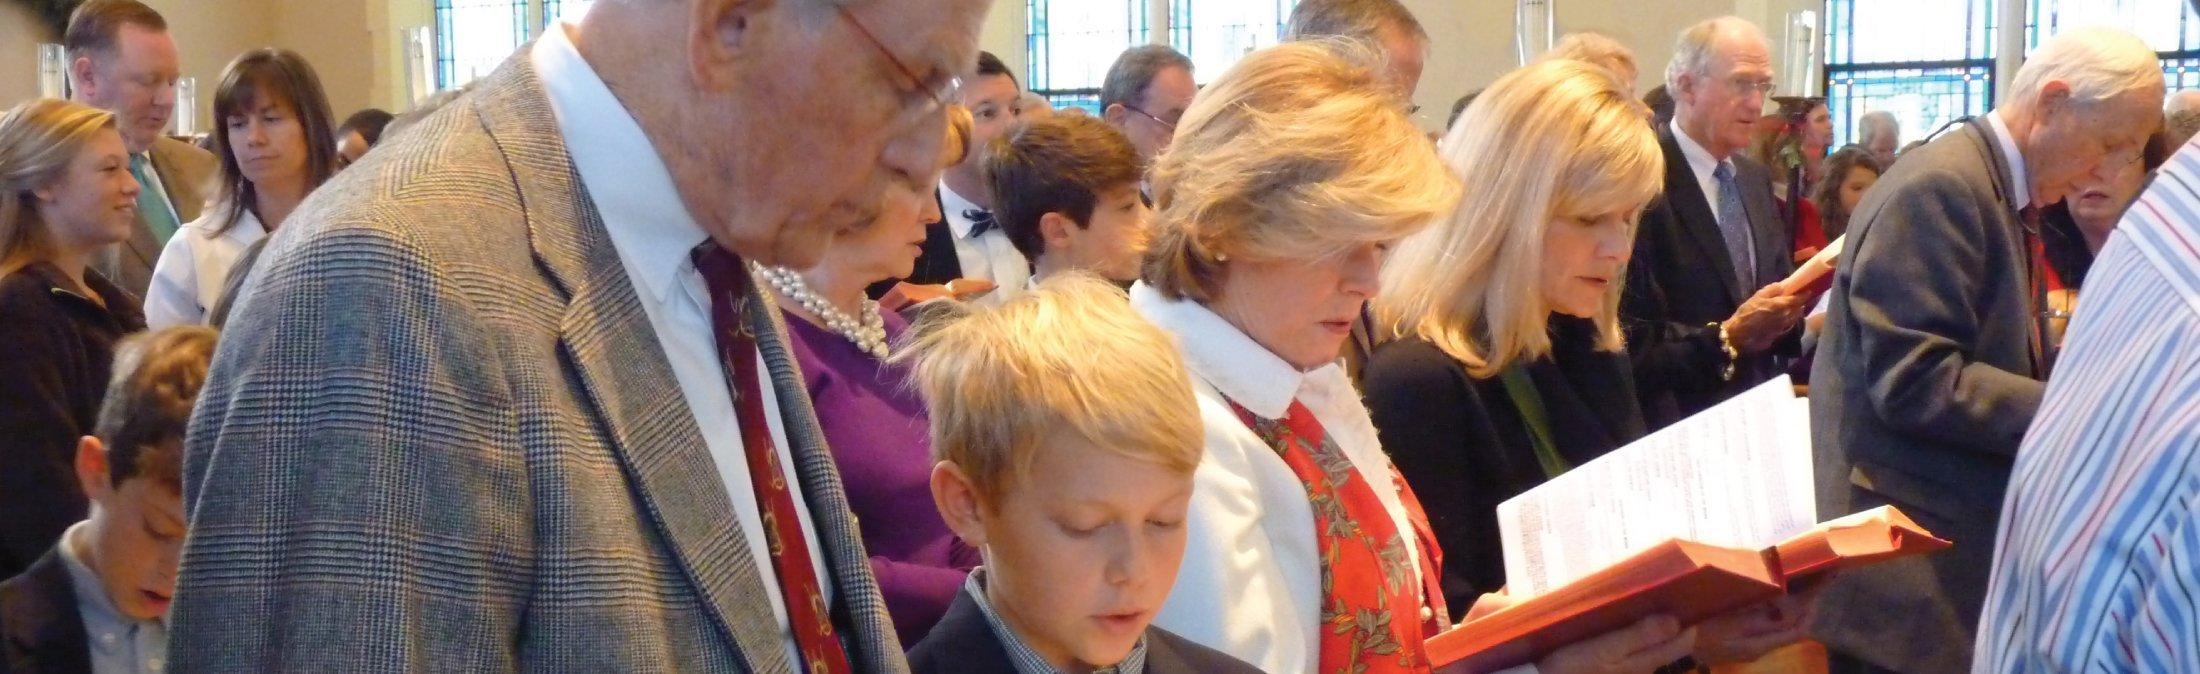 worship at shandon